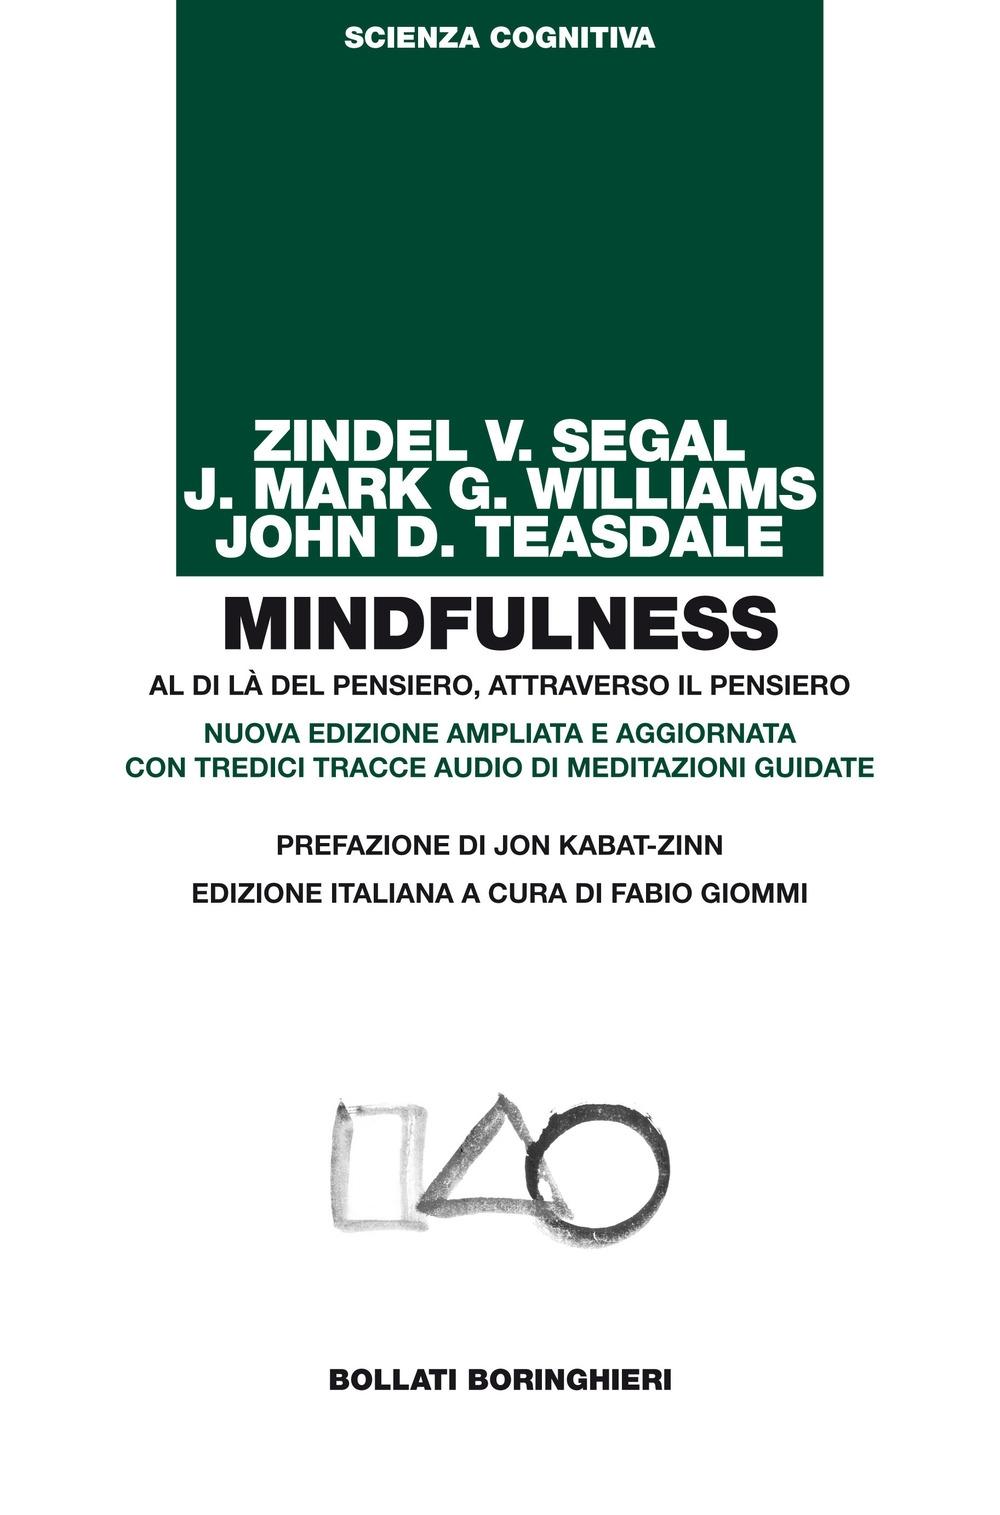 Mindfulness. Al di là del pensiero, attraverso il pensiero. Nuova edizione ampliata e aggiornata con tredici tracce audio di meditazioni guidate.